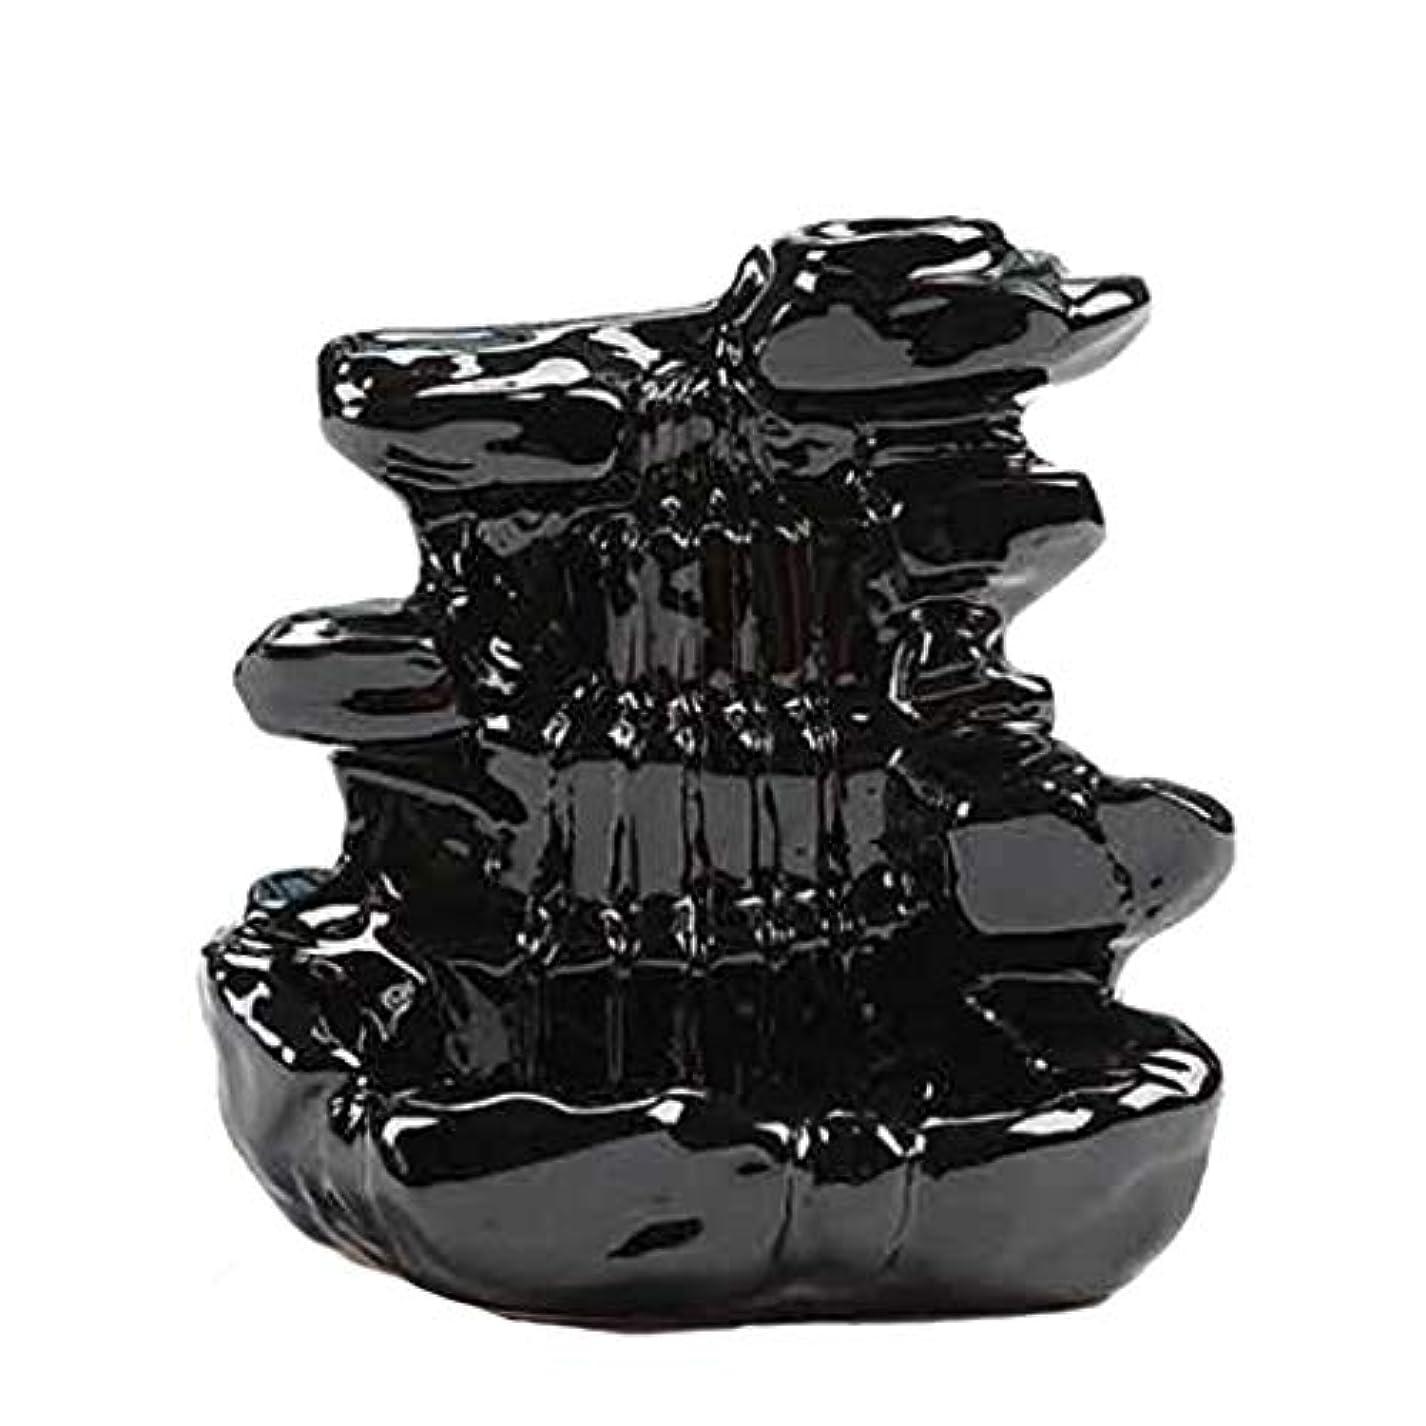 学者パトワドレス芳香器?アロマバーナー 家の装飾逆流香バーナーセラミックコーン滝香ホルダー仏教香炉 アロマバーナー芳香器 (Color : B)